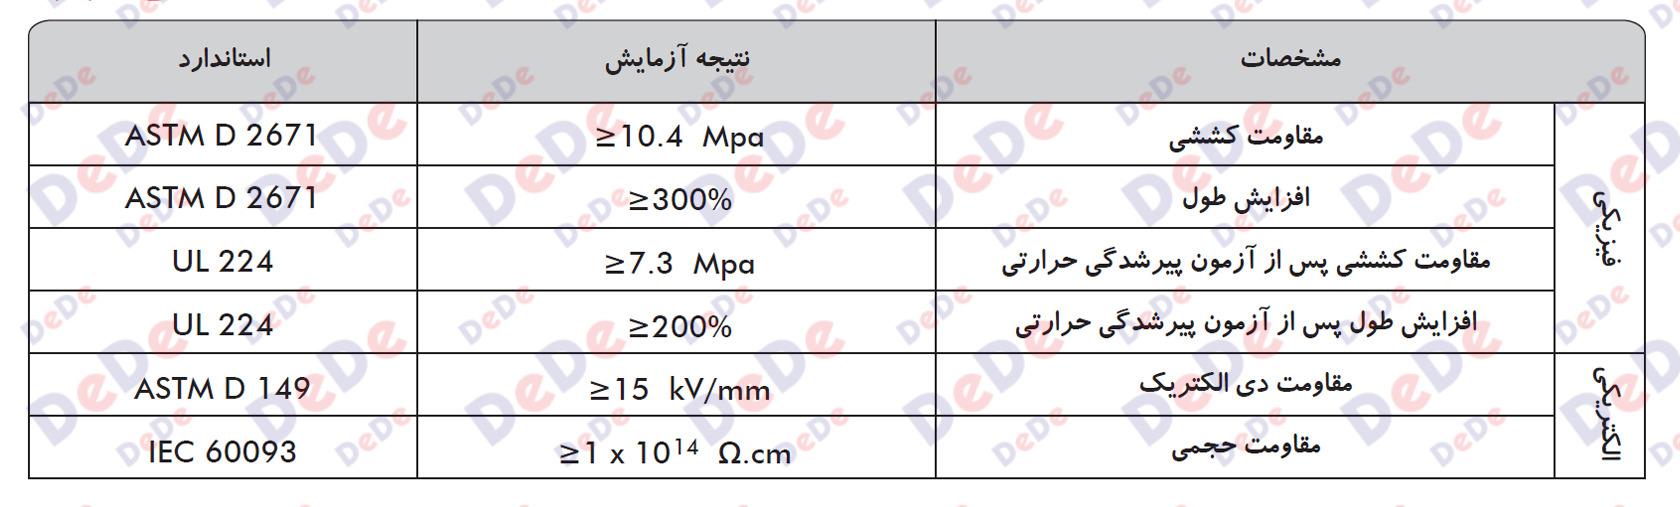 جدول مشخصات نوار حرارتی باس بار فشار متوسط